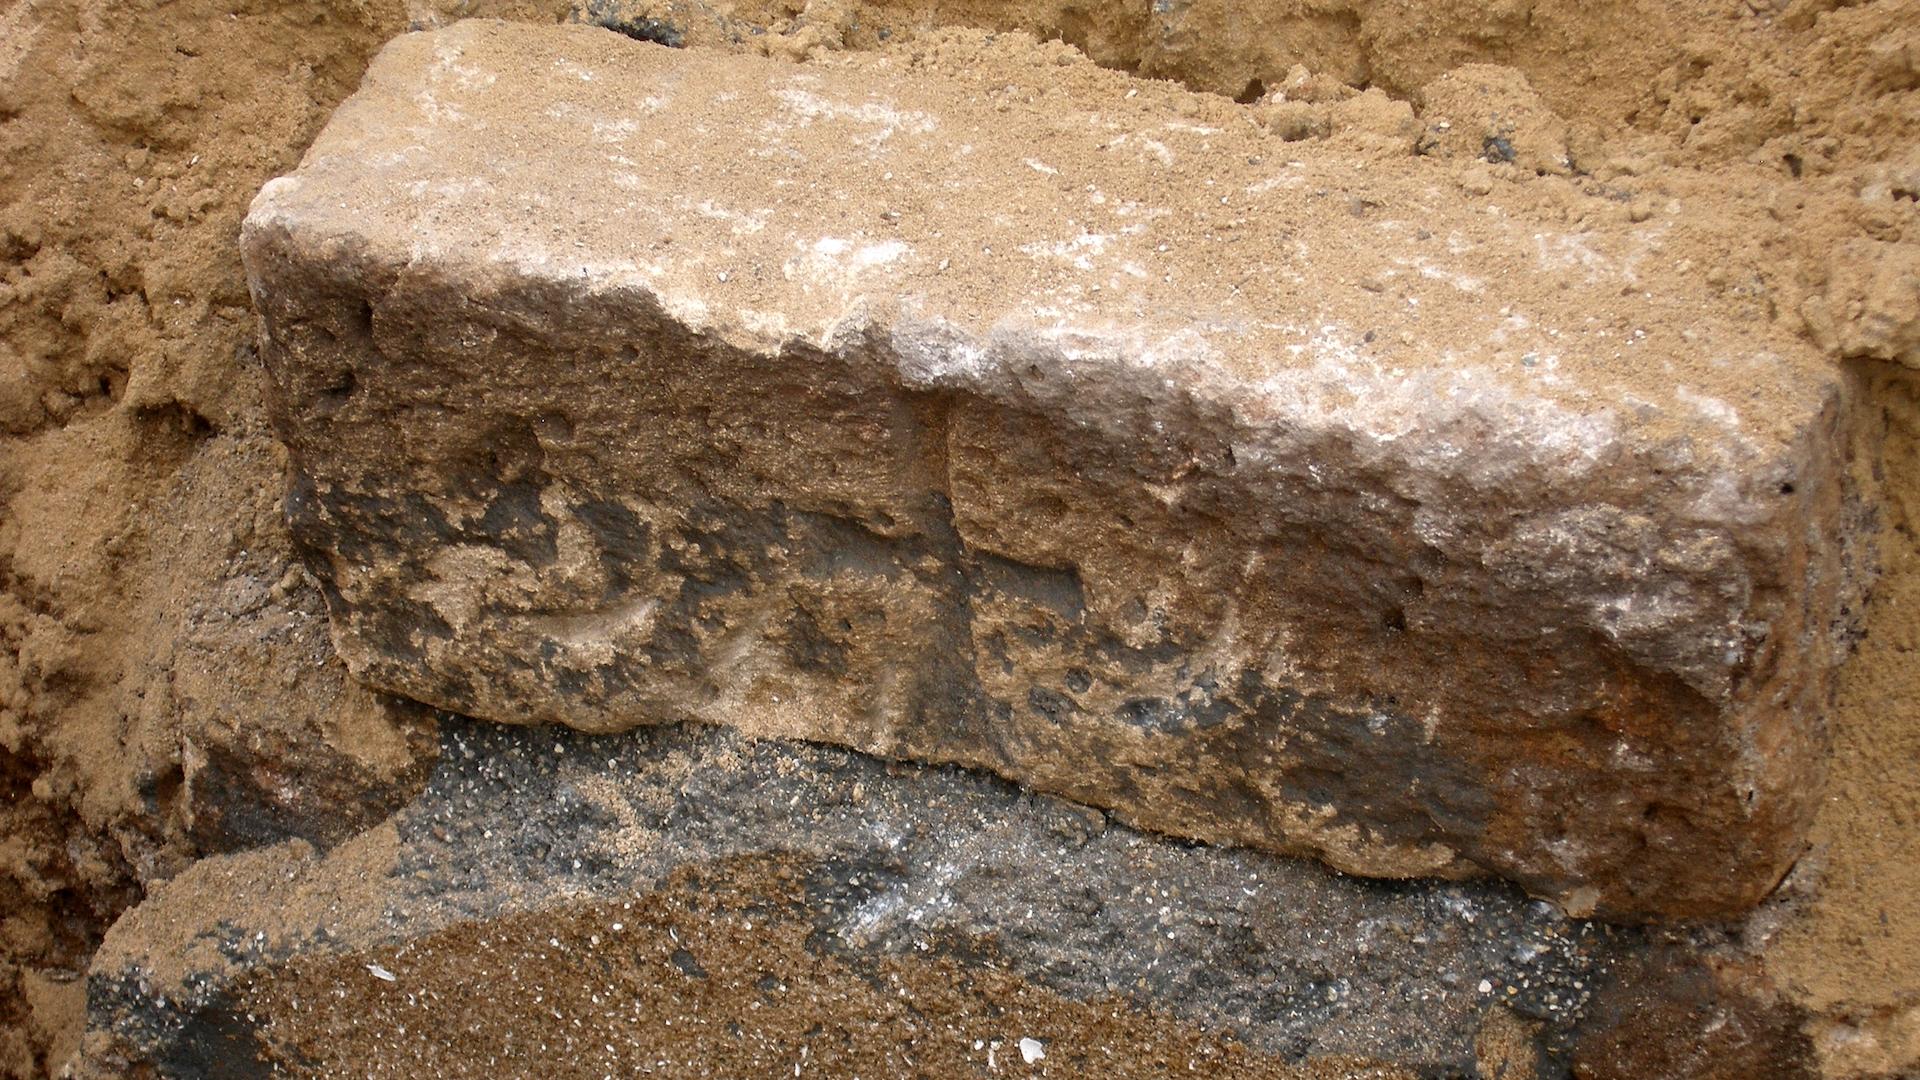 Une pierre avec une croix découverte dans un cimetière d'époque perse situé à Jaffa.